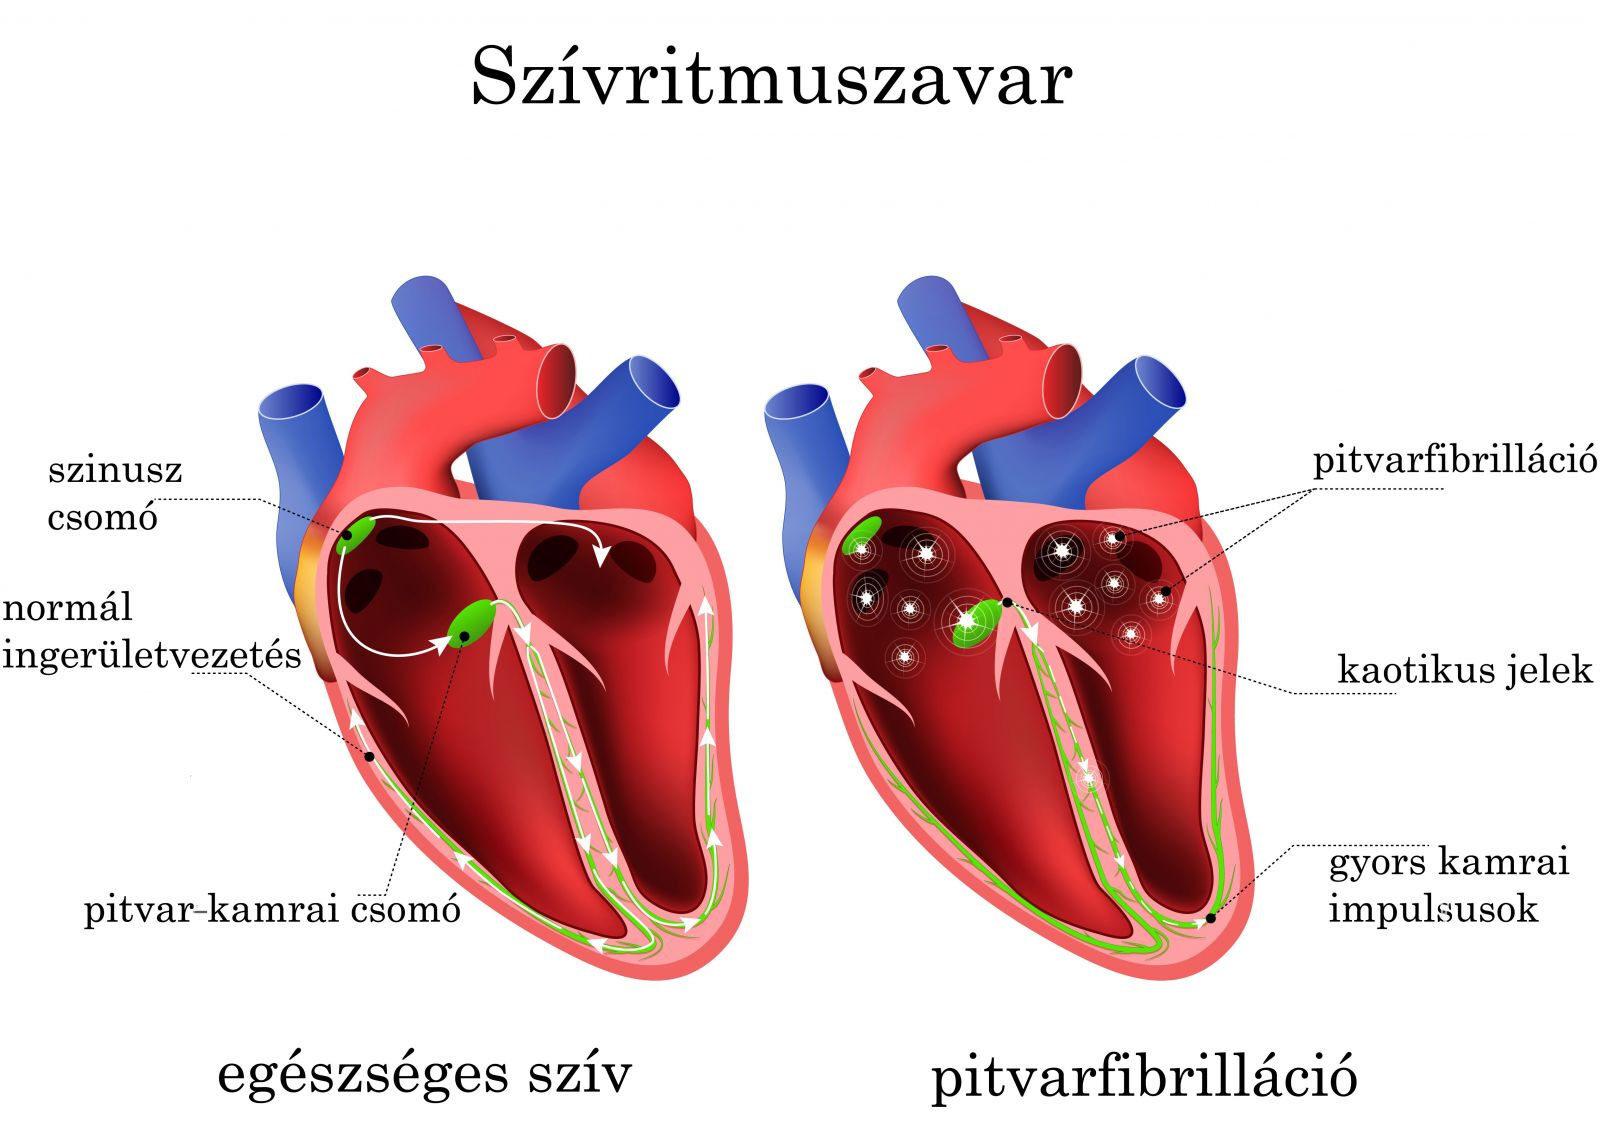 szív tachycardia és magas vérnyomás magas vérnyomás gyors hatású gyógyszerek